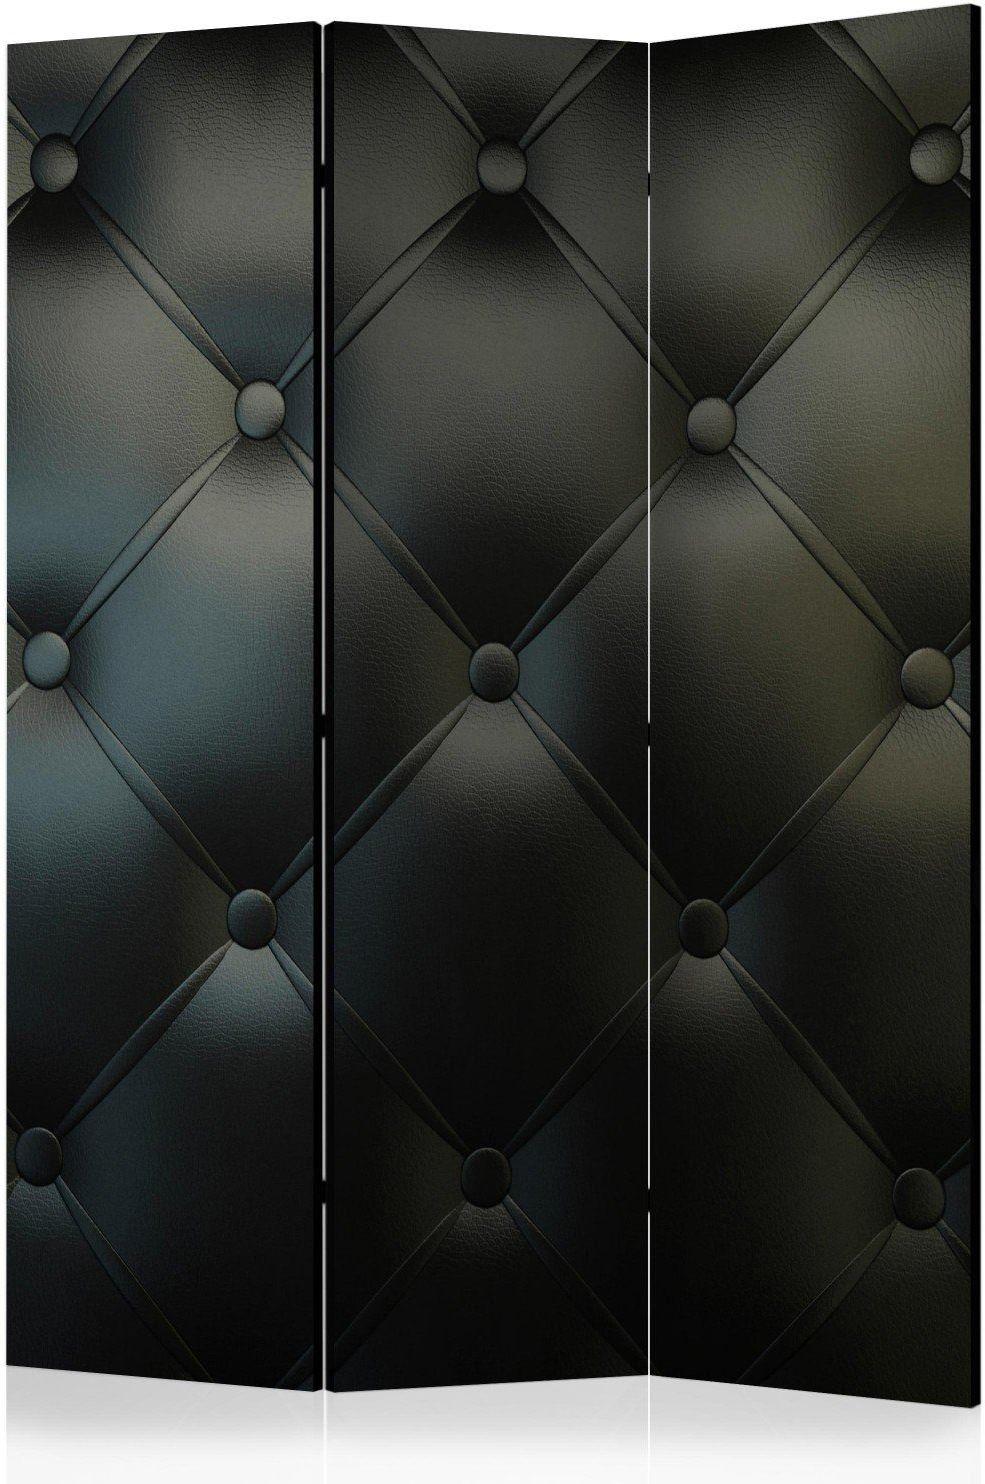 Parawan 3-częściowy - dystyngowana elegancja [room dividers]